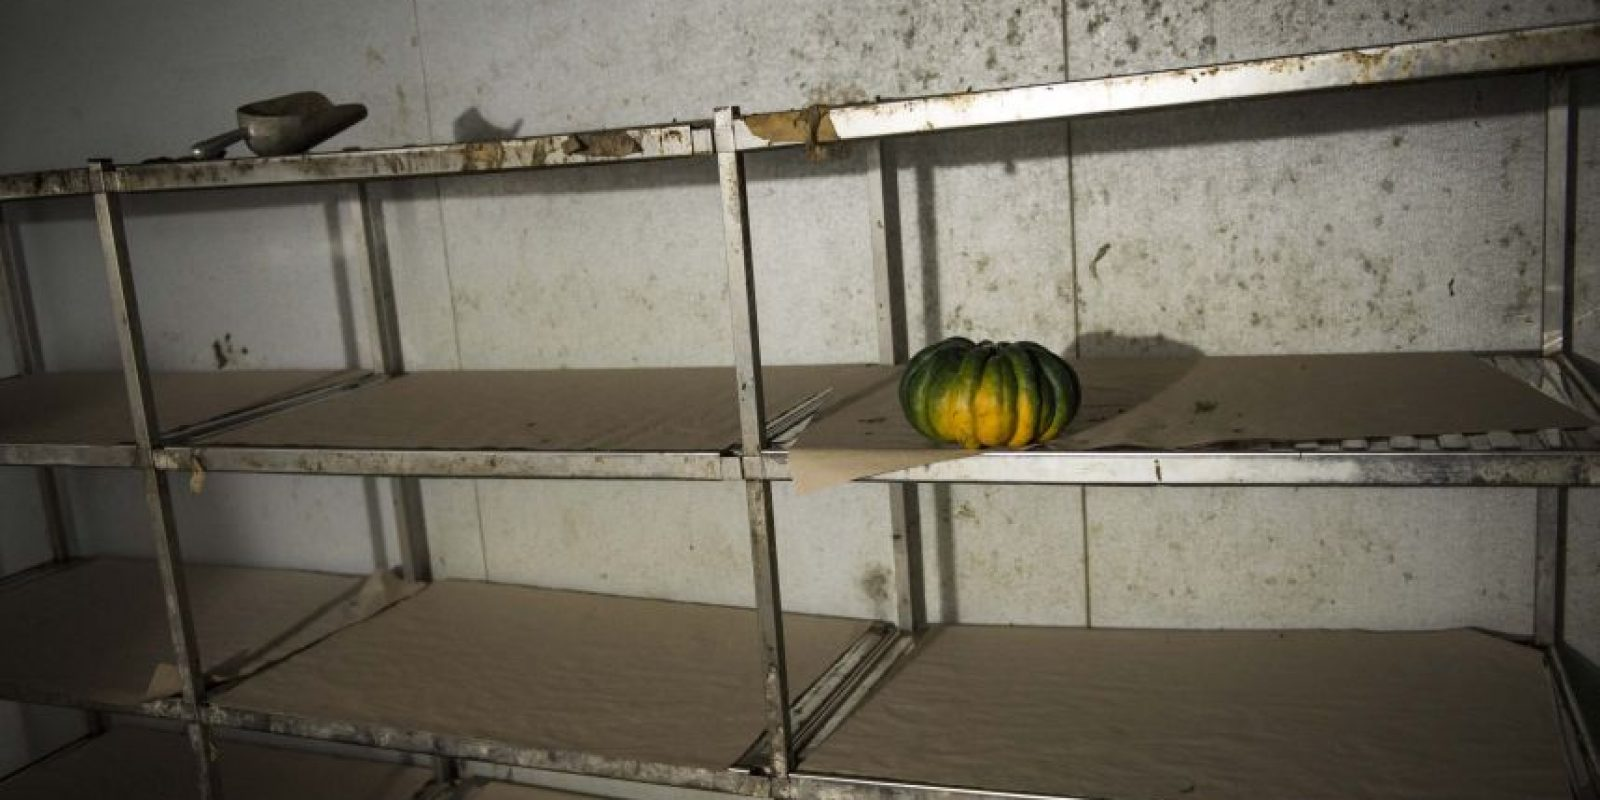 Dentro de las cámaras frigoríficas puede observarse los escasos alimentos que hay para abastecer a todo el hospital. Foto:Oliver de Ros